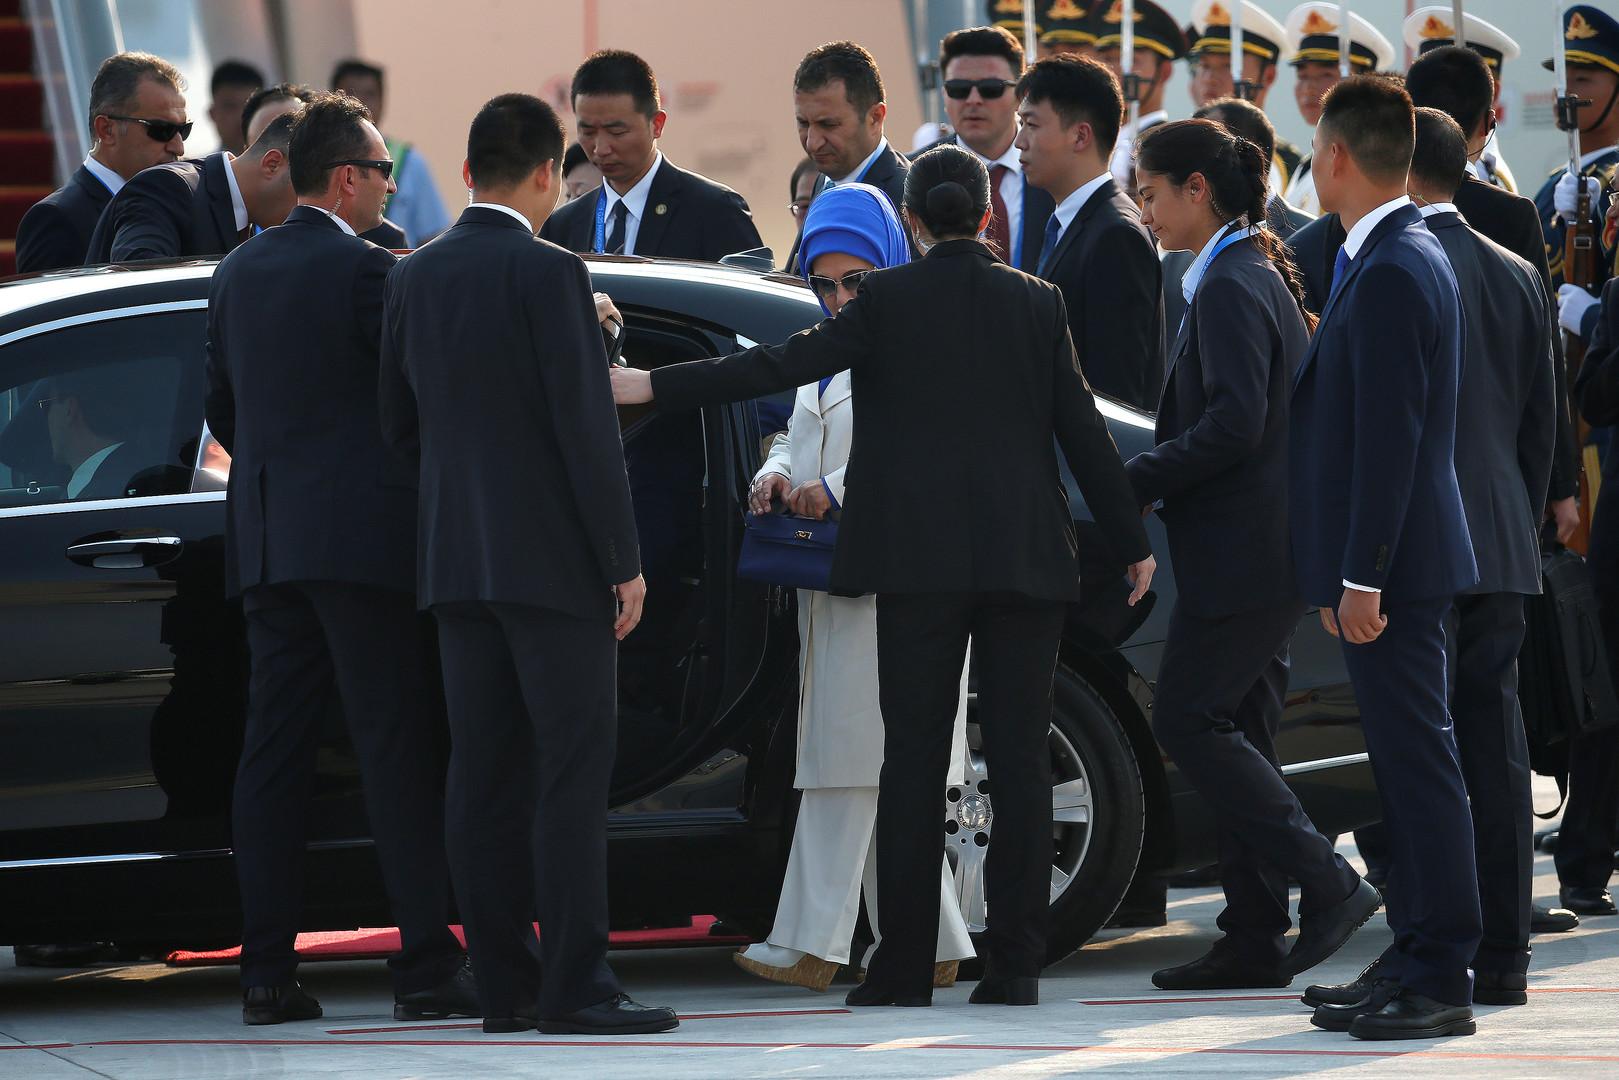 Emine Gulbaran, Ehefrau des türkischen Präsidenten, Recep Tayyip Erdoğan, bei der Ankunft im Flughafen Hangzhou Xiaoshan